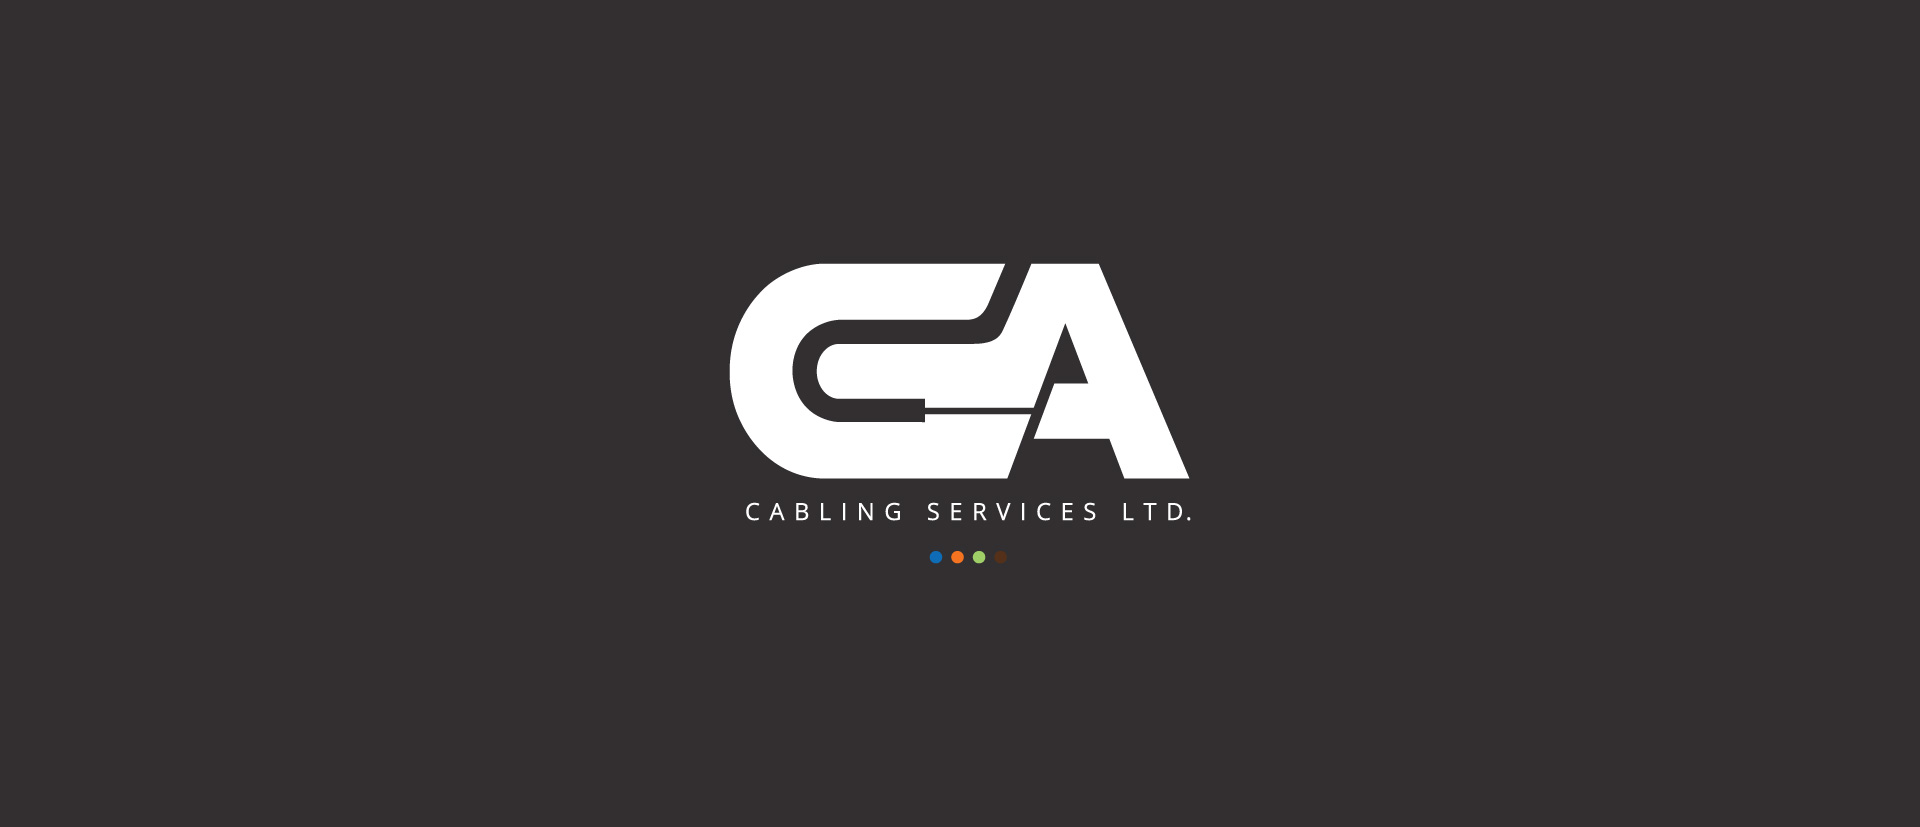 GA Cabling Branding and Logo